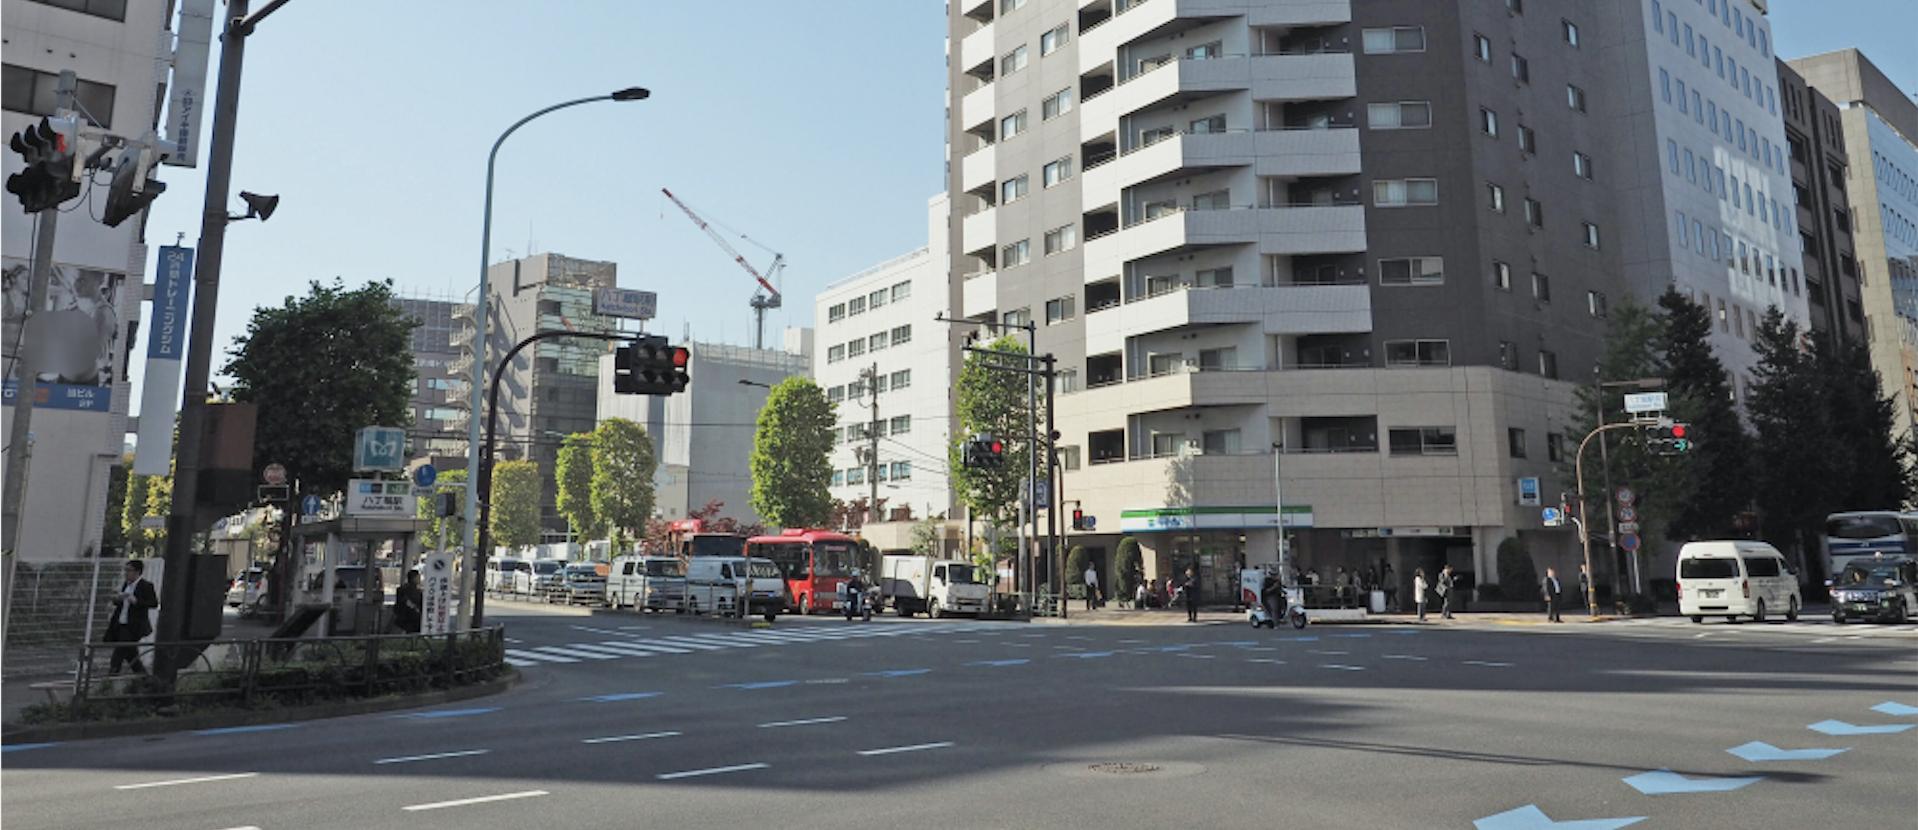 東京駅・日本橋駅・大手町駅からのアクセスが便利